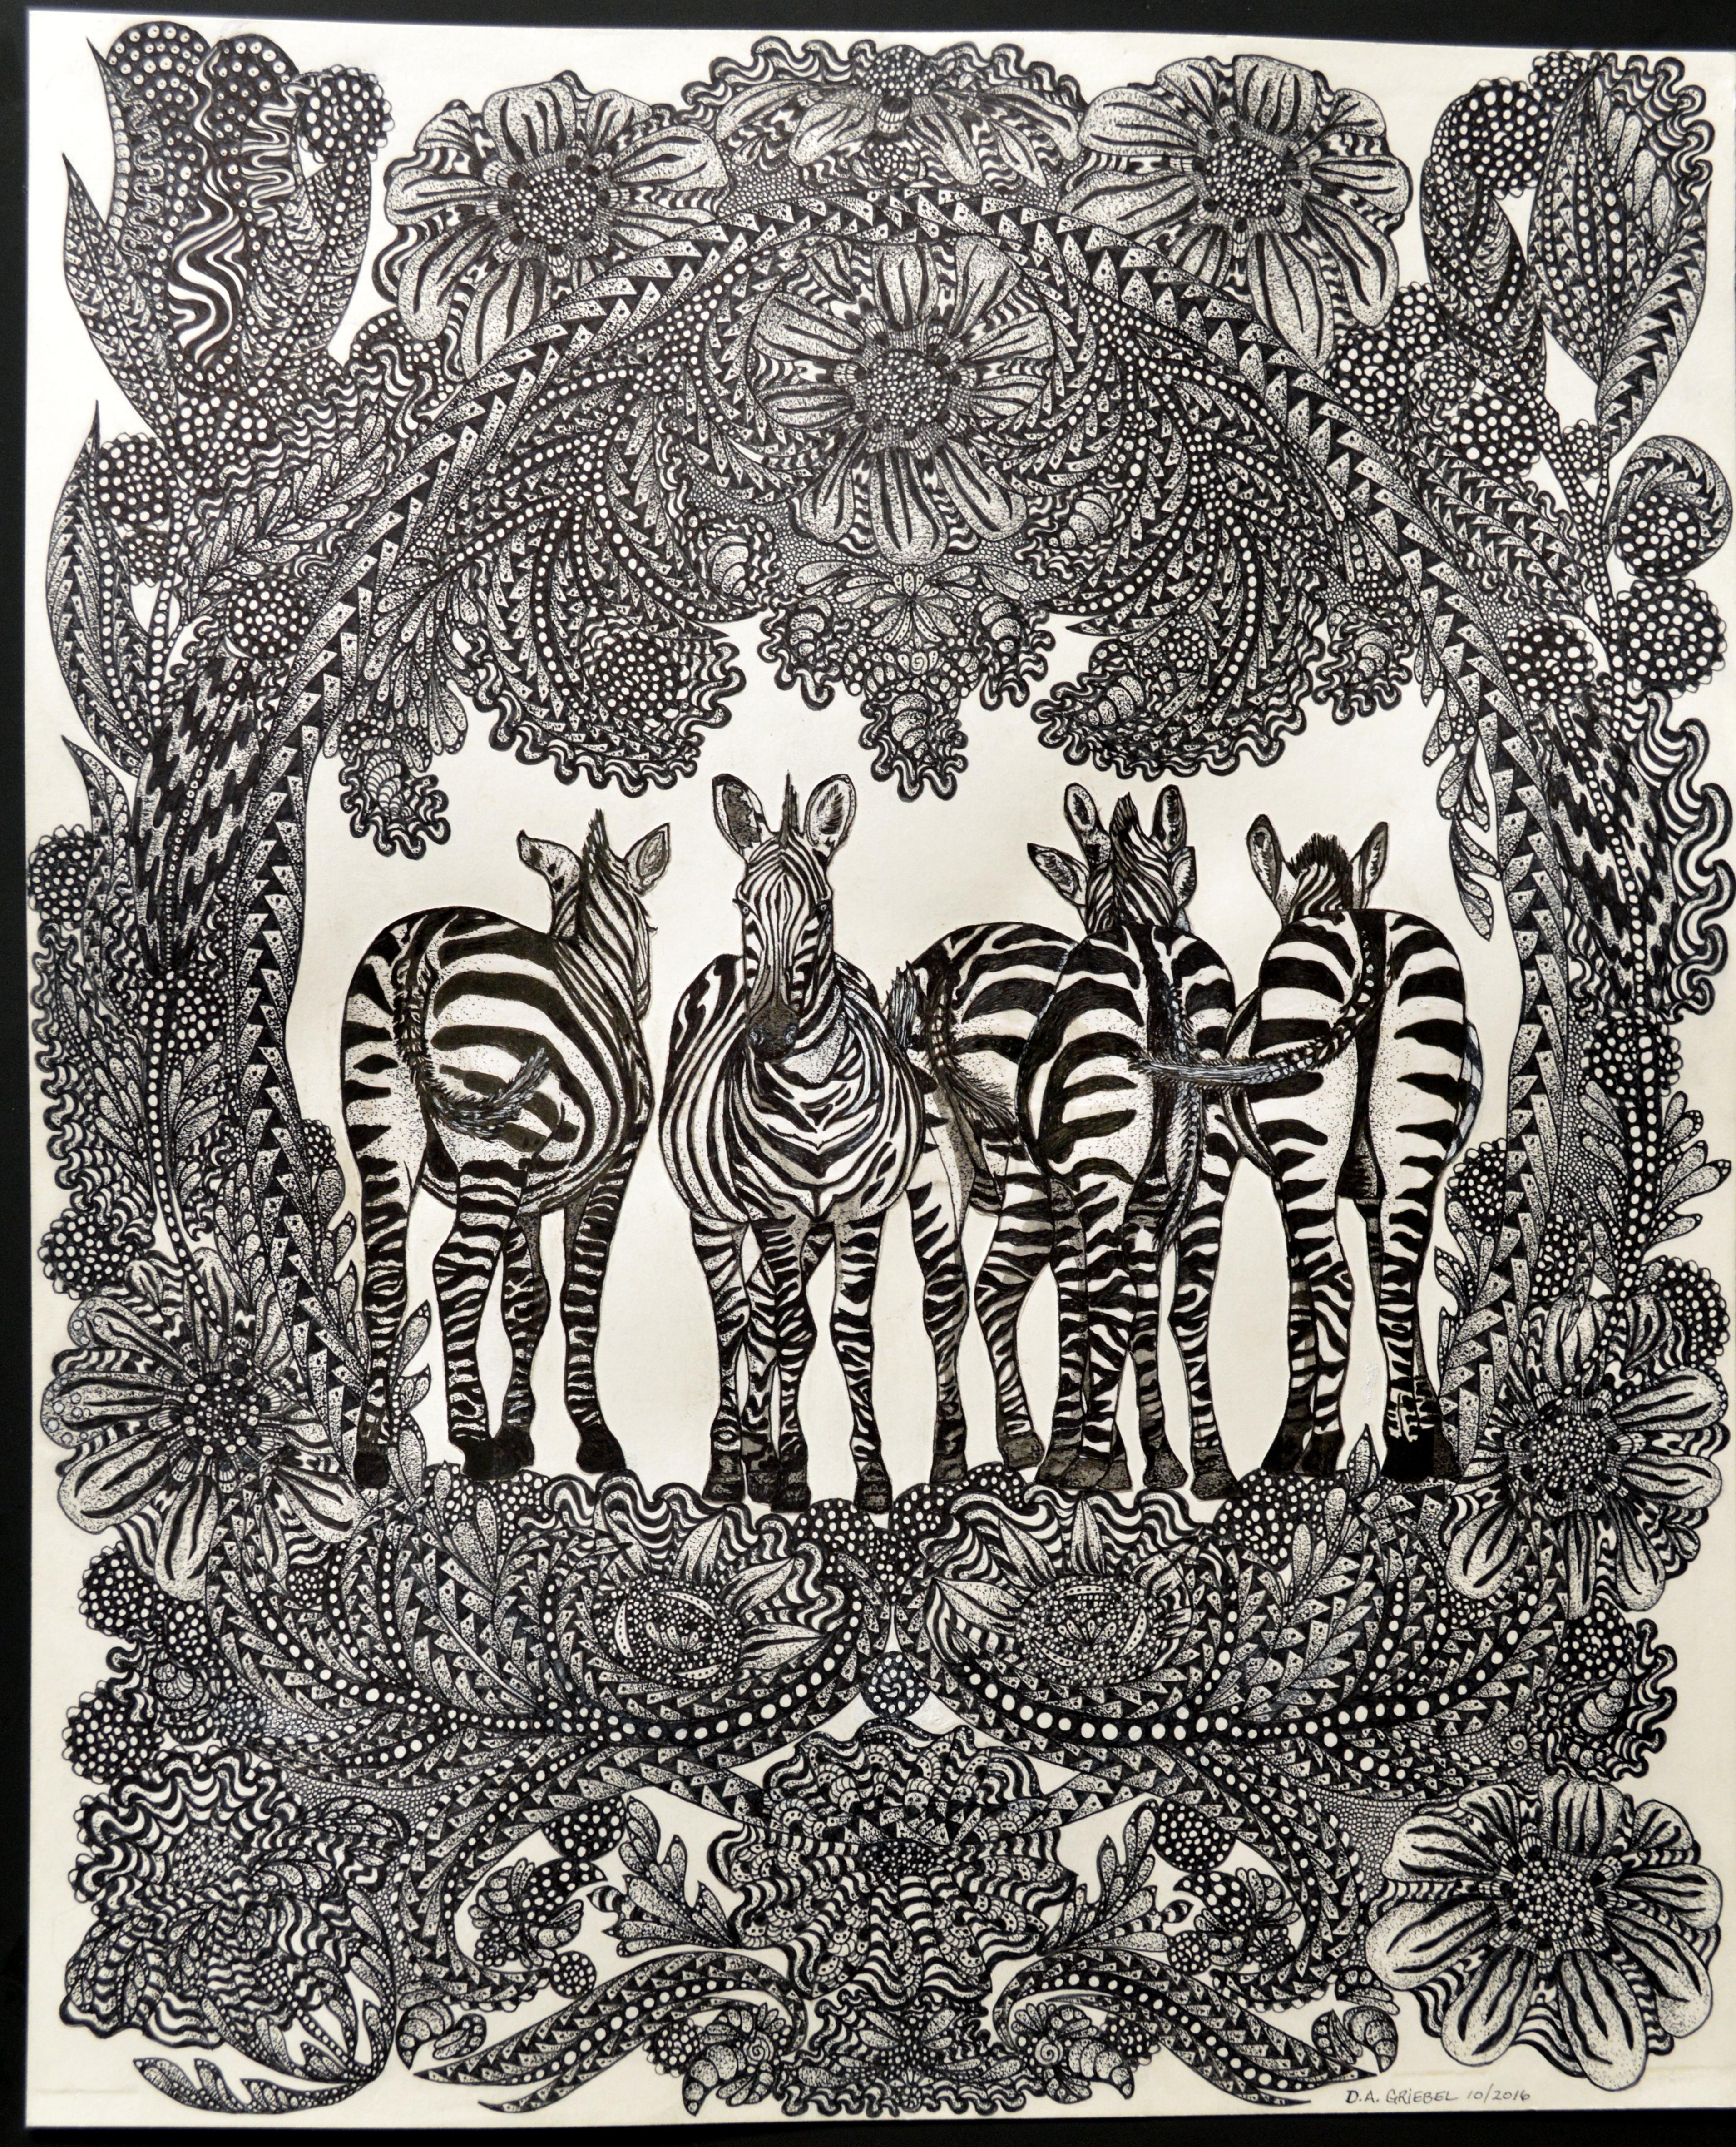 5 Zebras